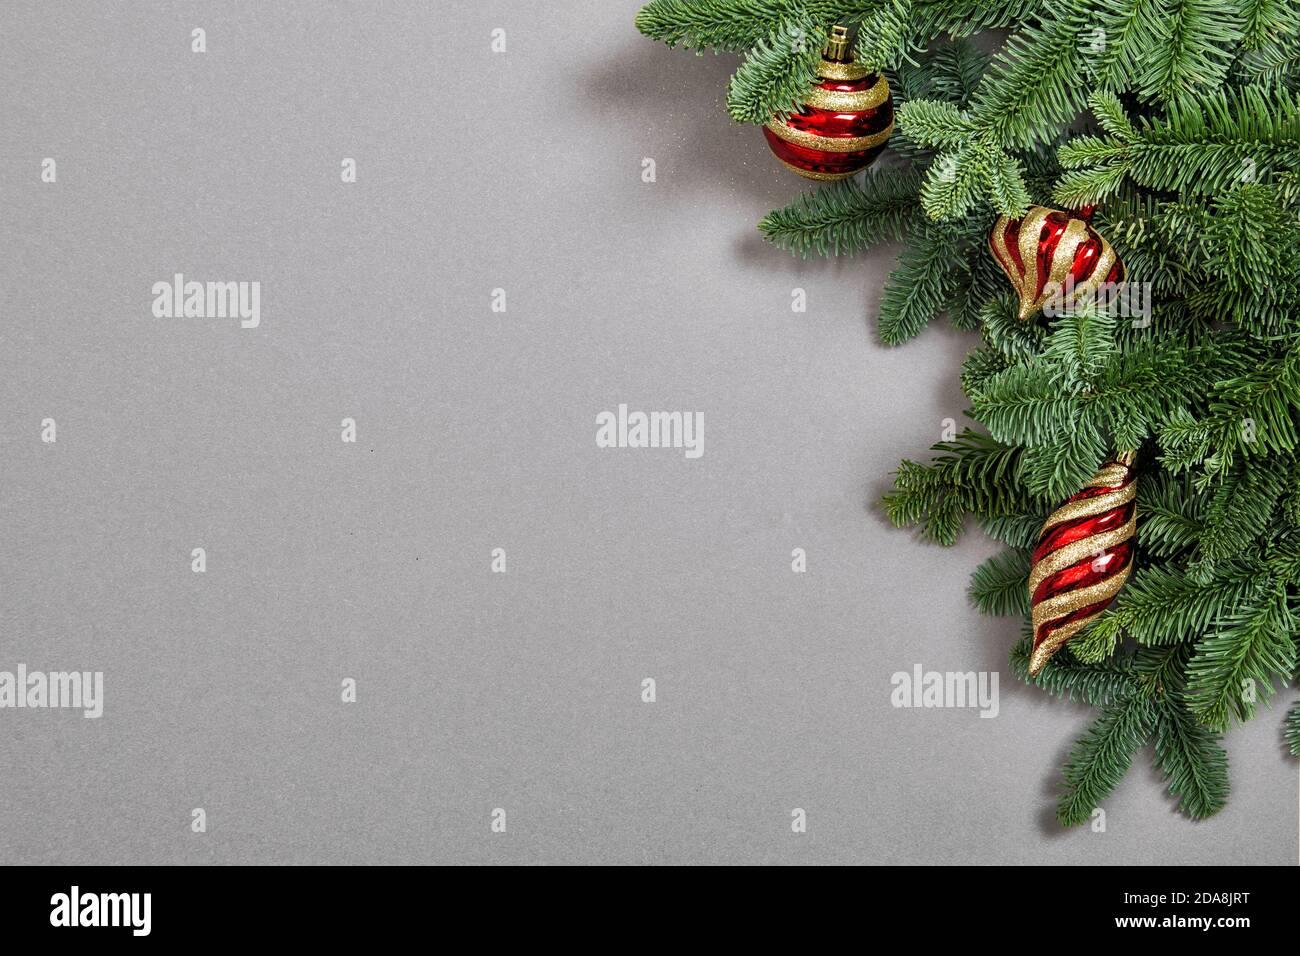 Décorations de Noël et boules avec branches en pin Banque D'Images